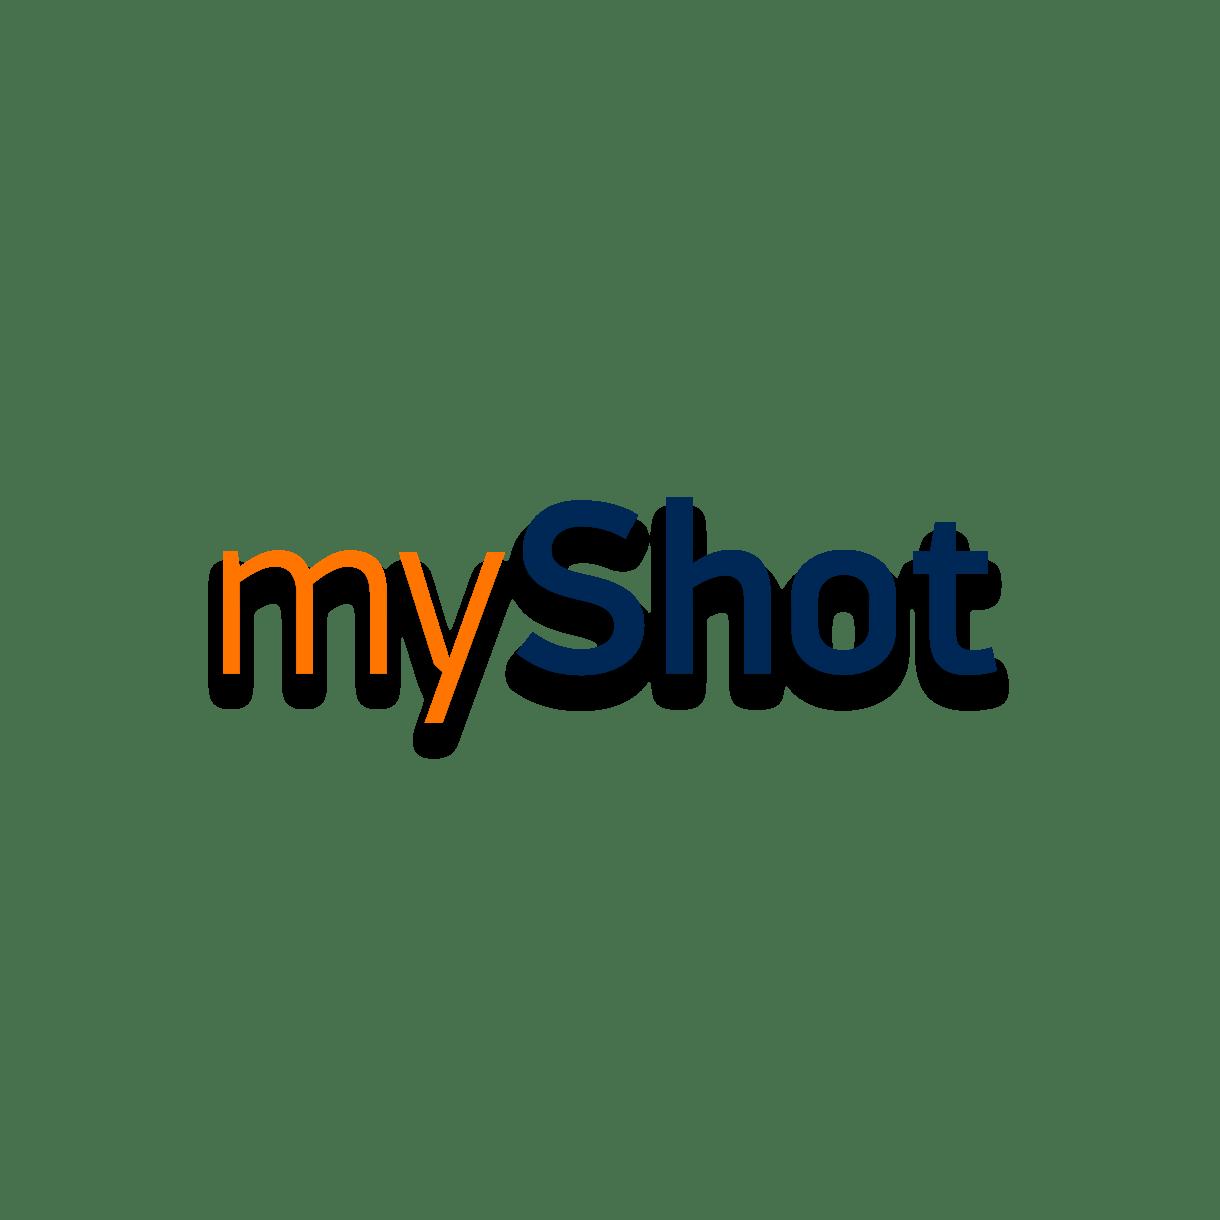 my-shot-logo-1